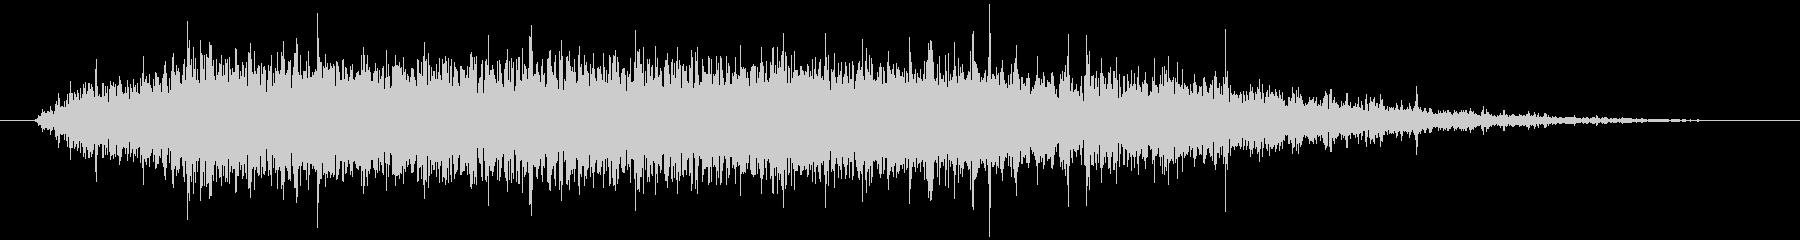 ウィーン(ロボ、ドリル、機械)の未再生の波形